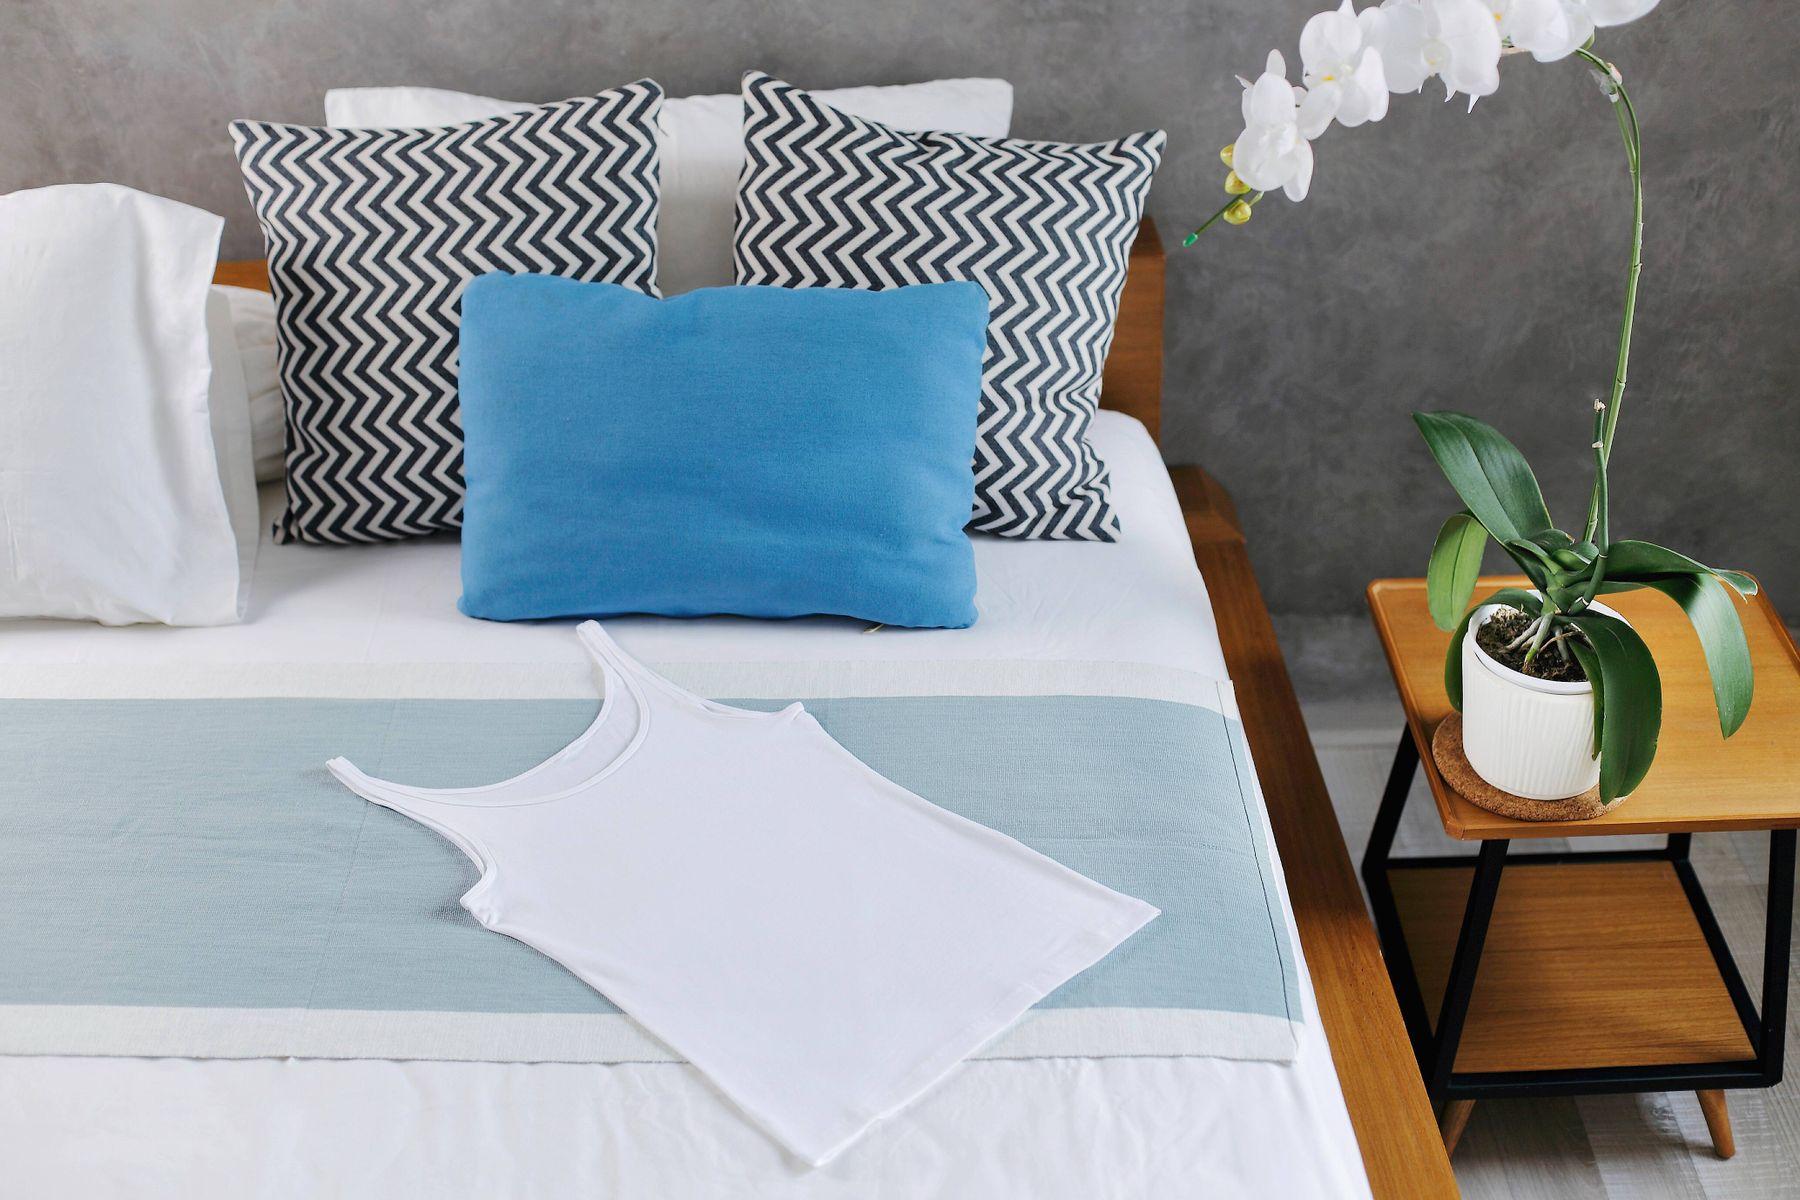 Beyaz çamaşırlarınızın daha parlak görünmesi için dört doğal temizlik yöntemi.